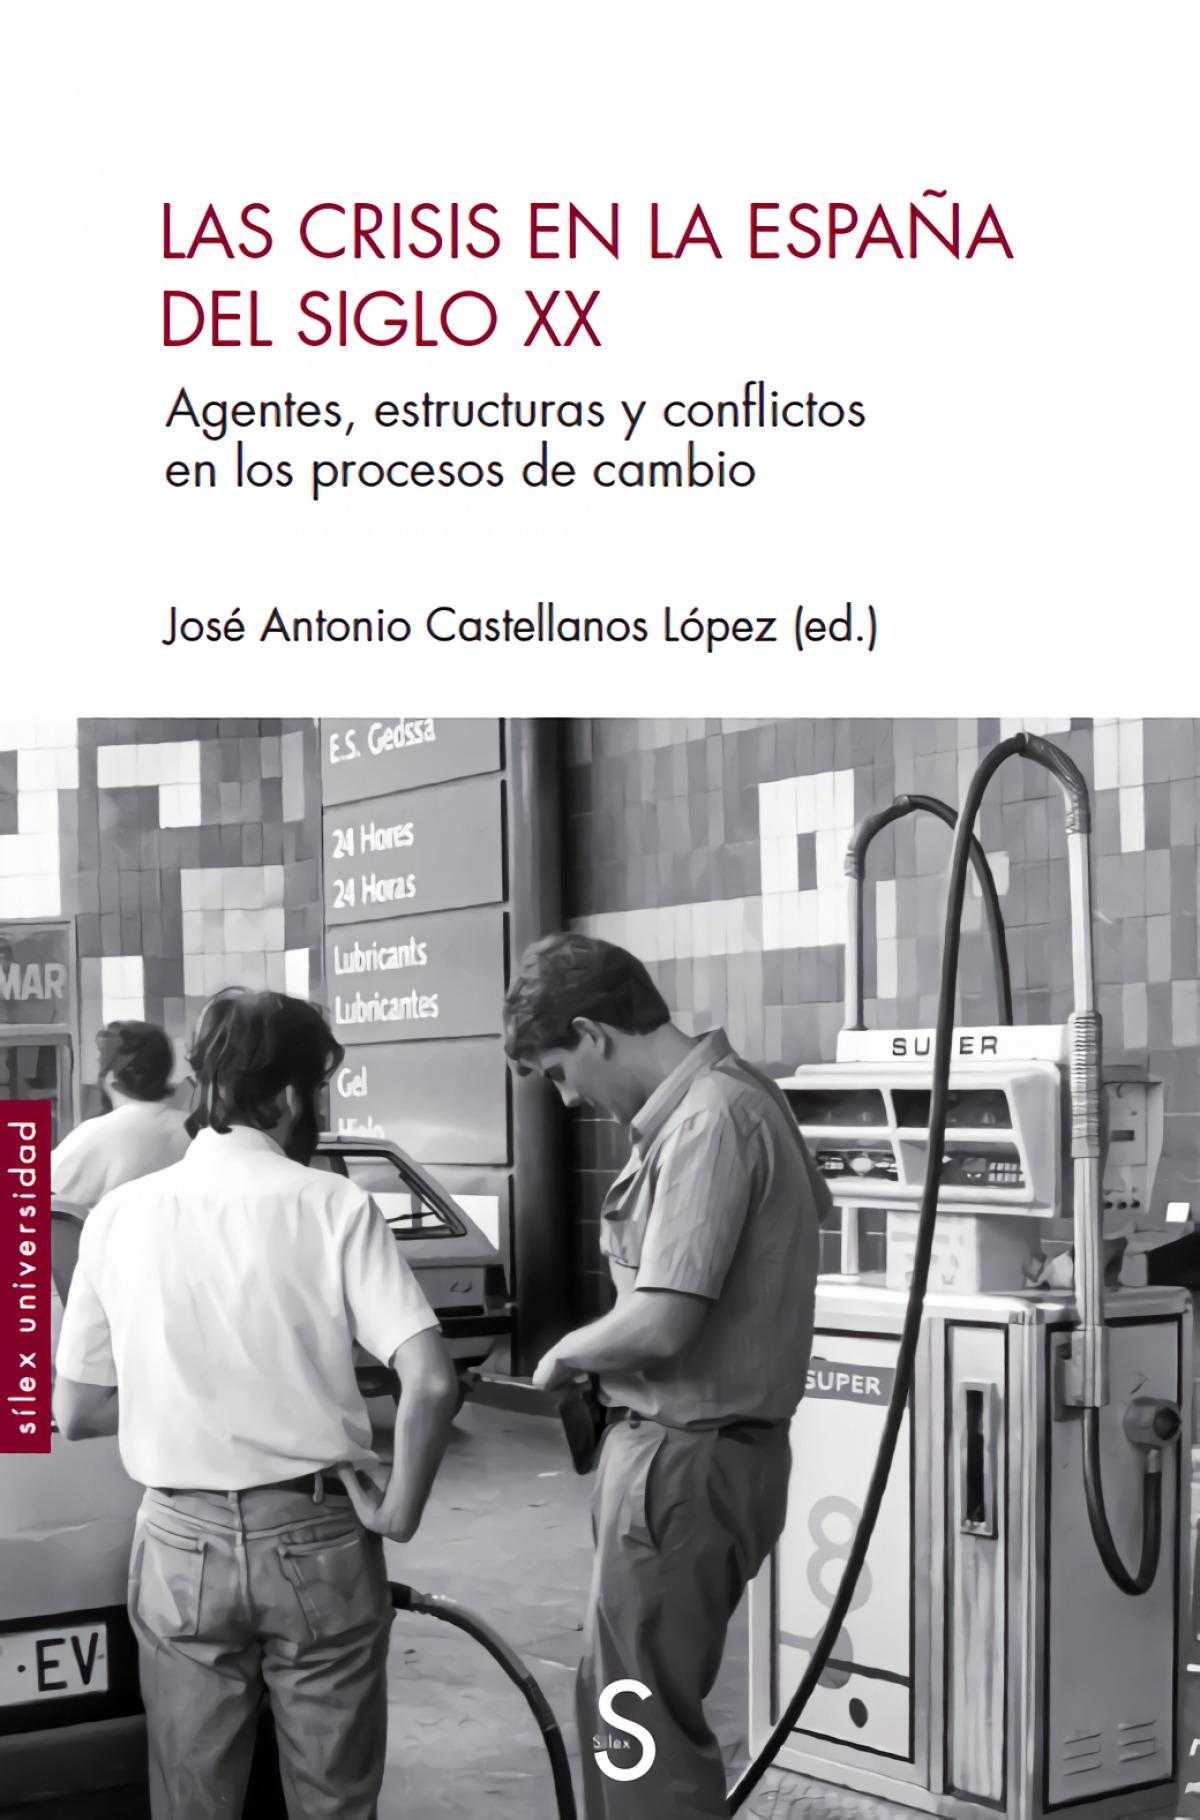 Las crisis en la España del siglo XX